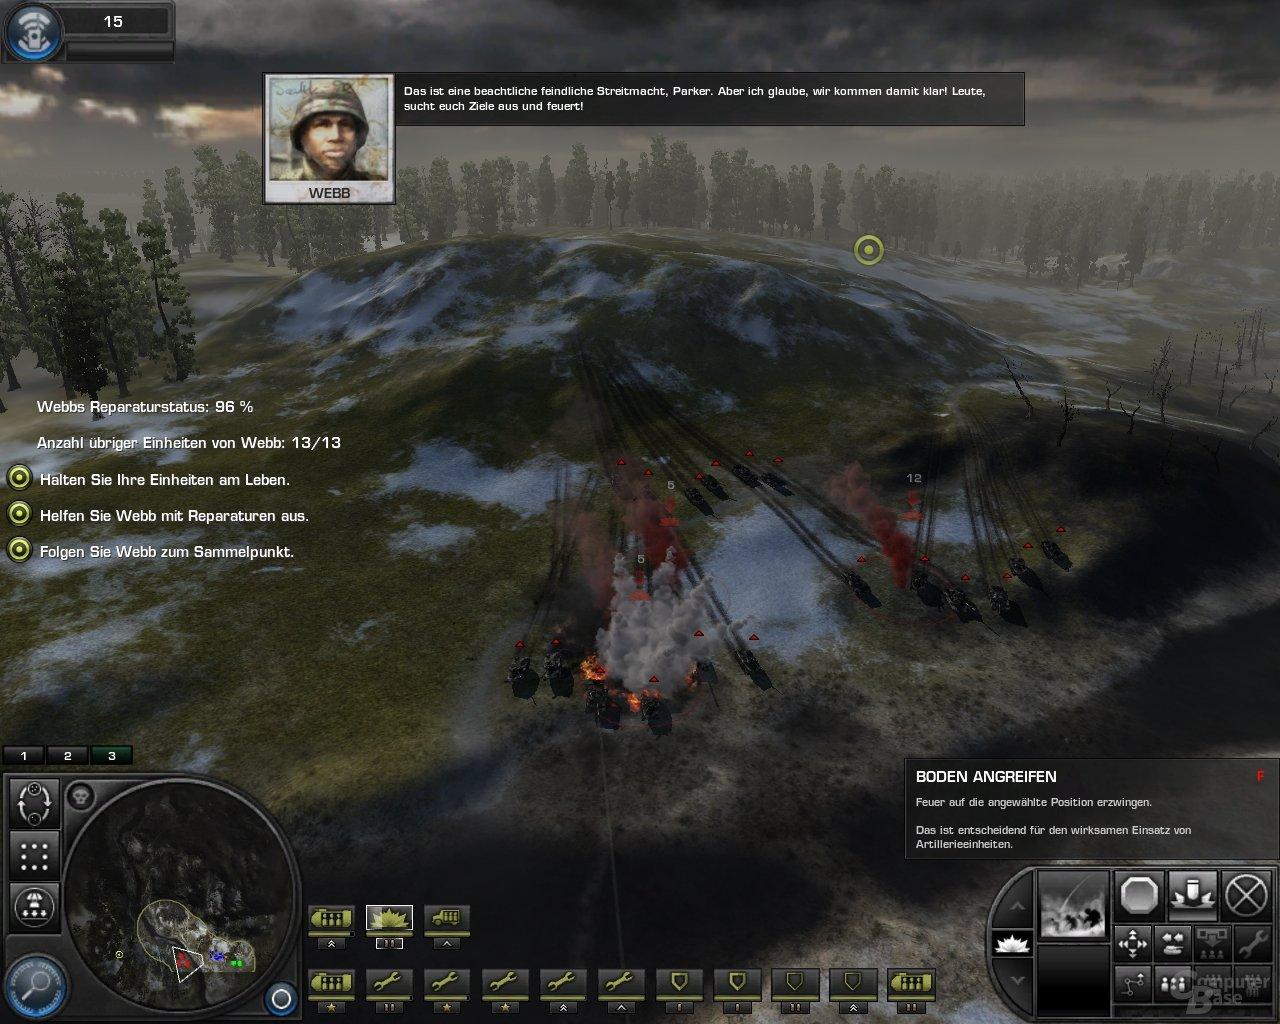 WiC – Artilleriebeschuss steht bevor